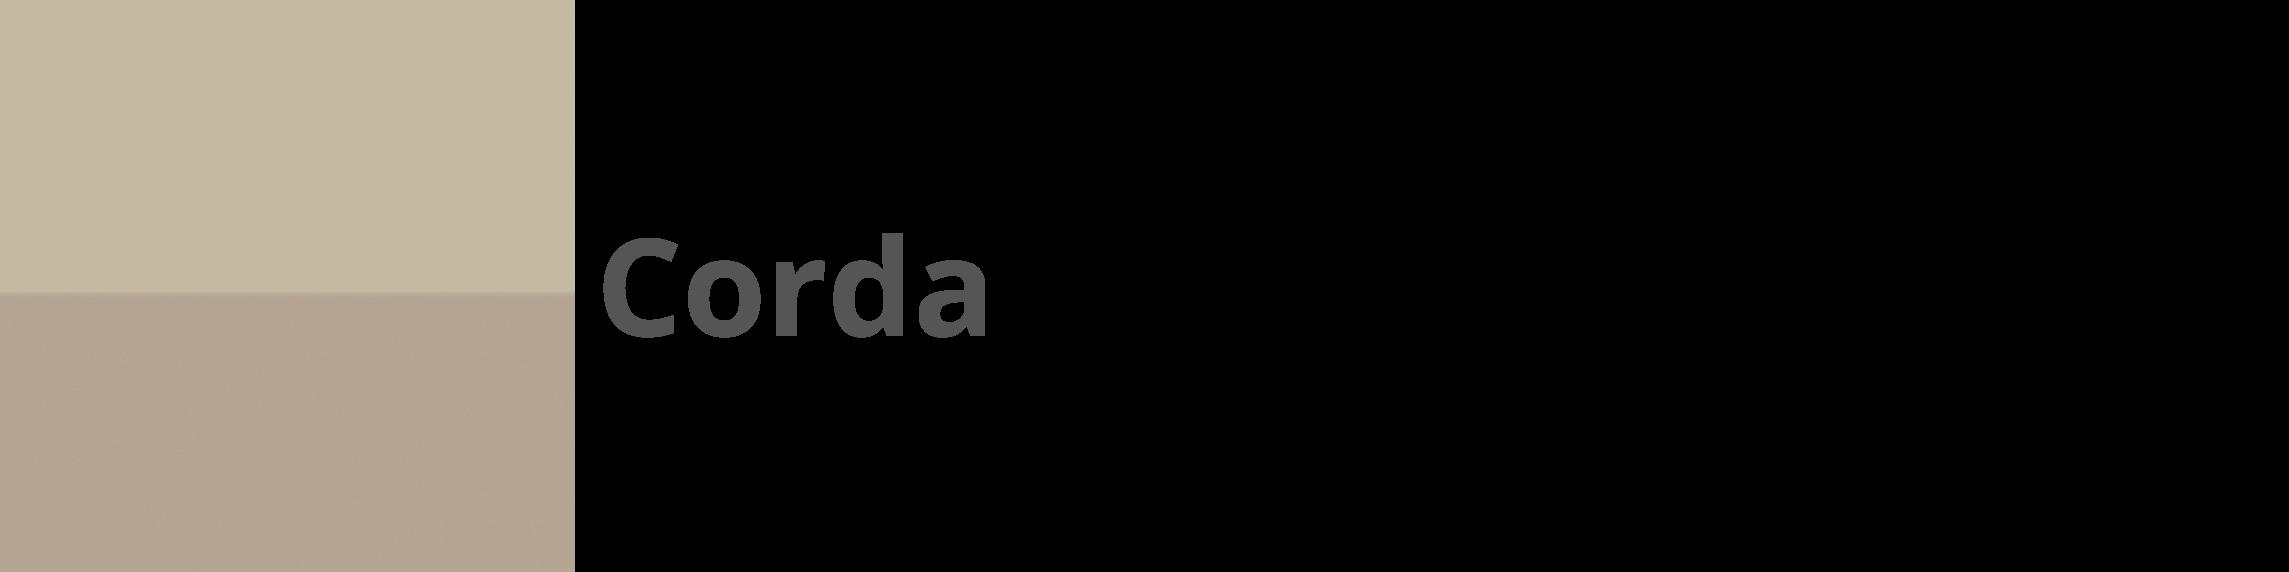 2066 166 Corda